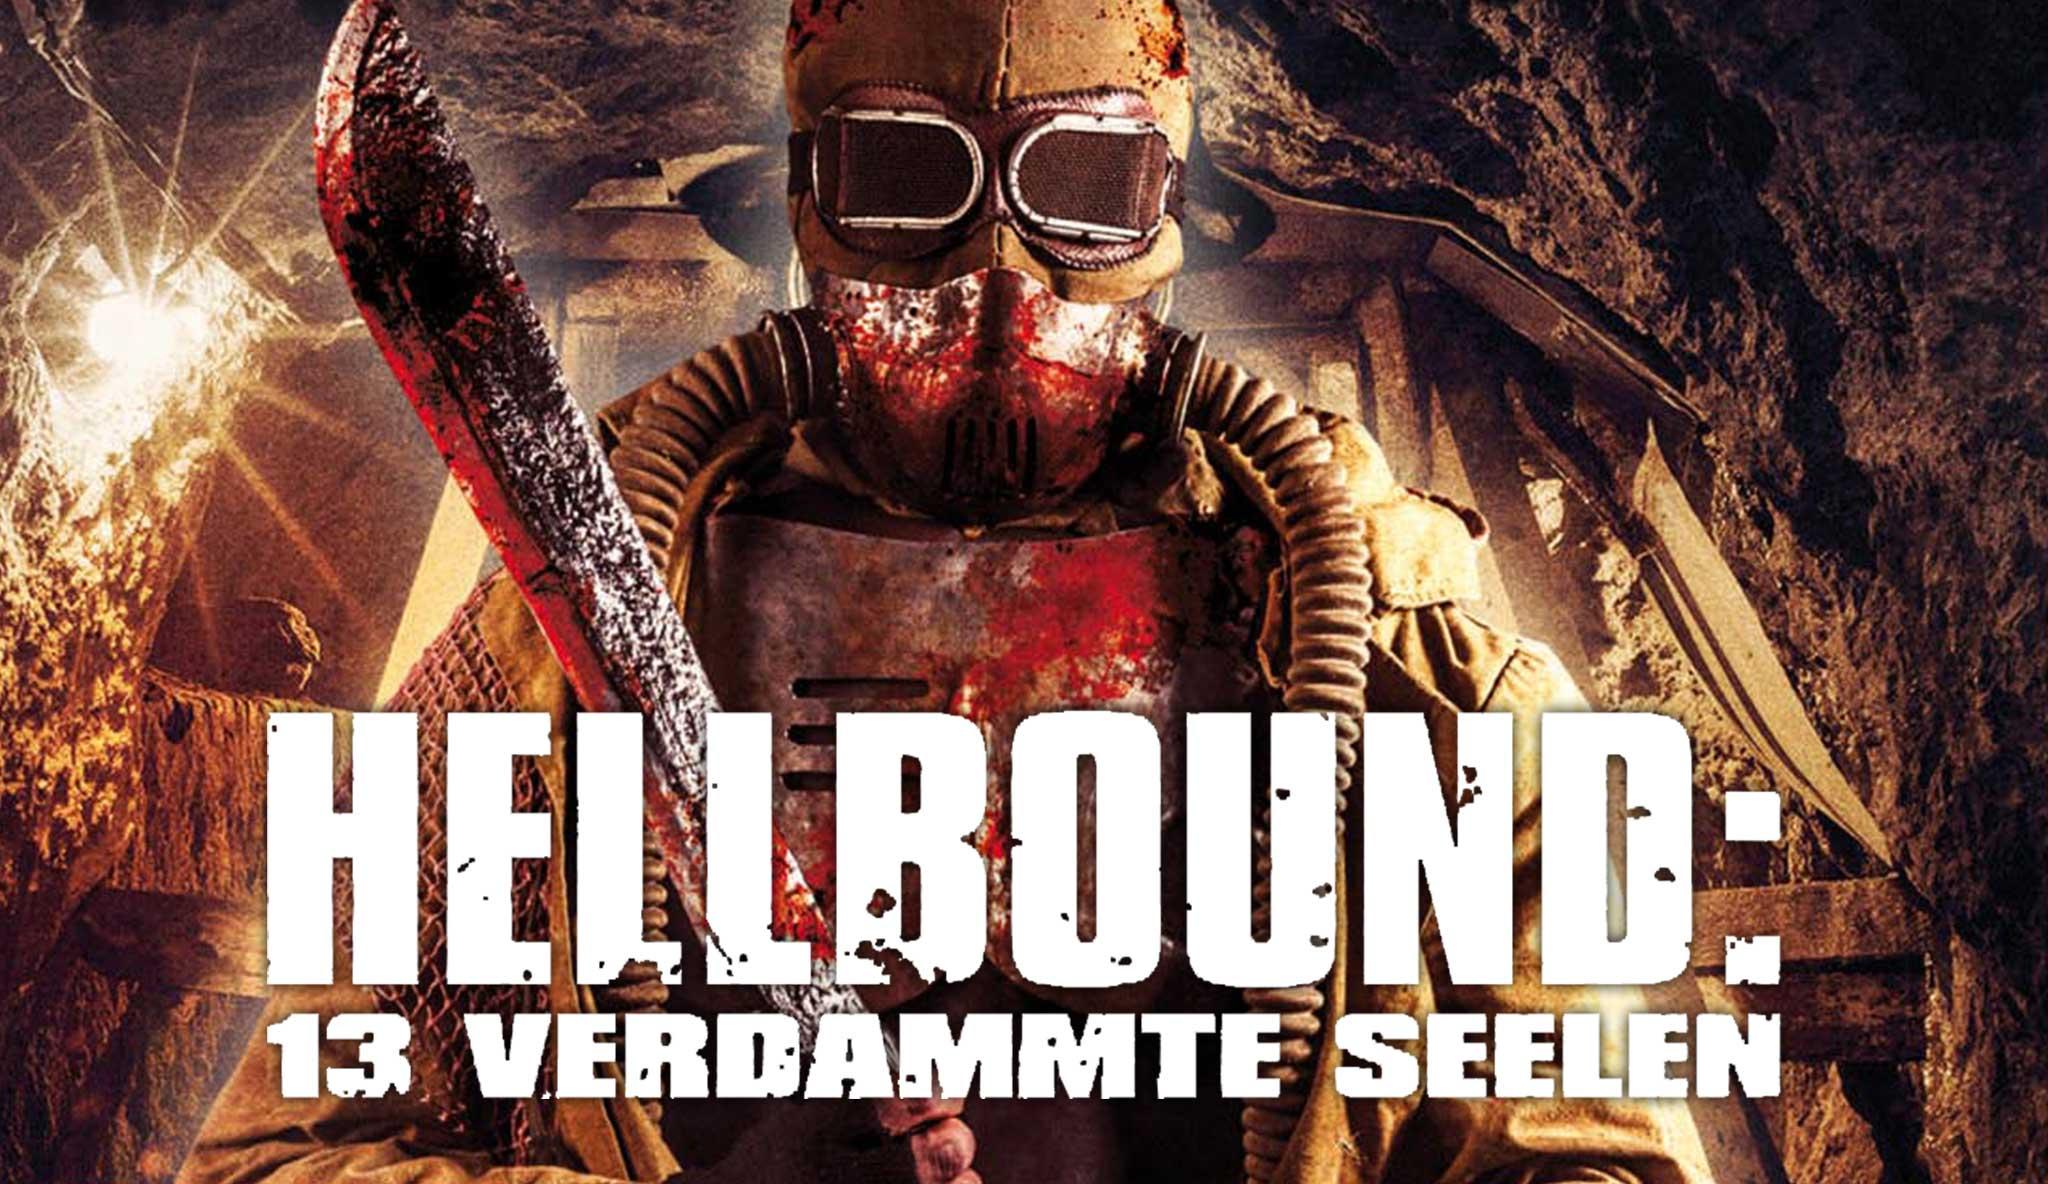 hellbound-13-verdammte-seelen\header.jpg